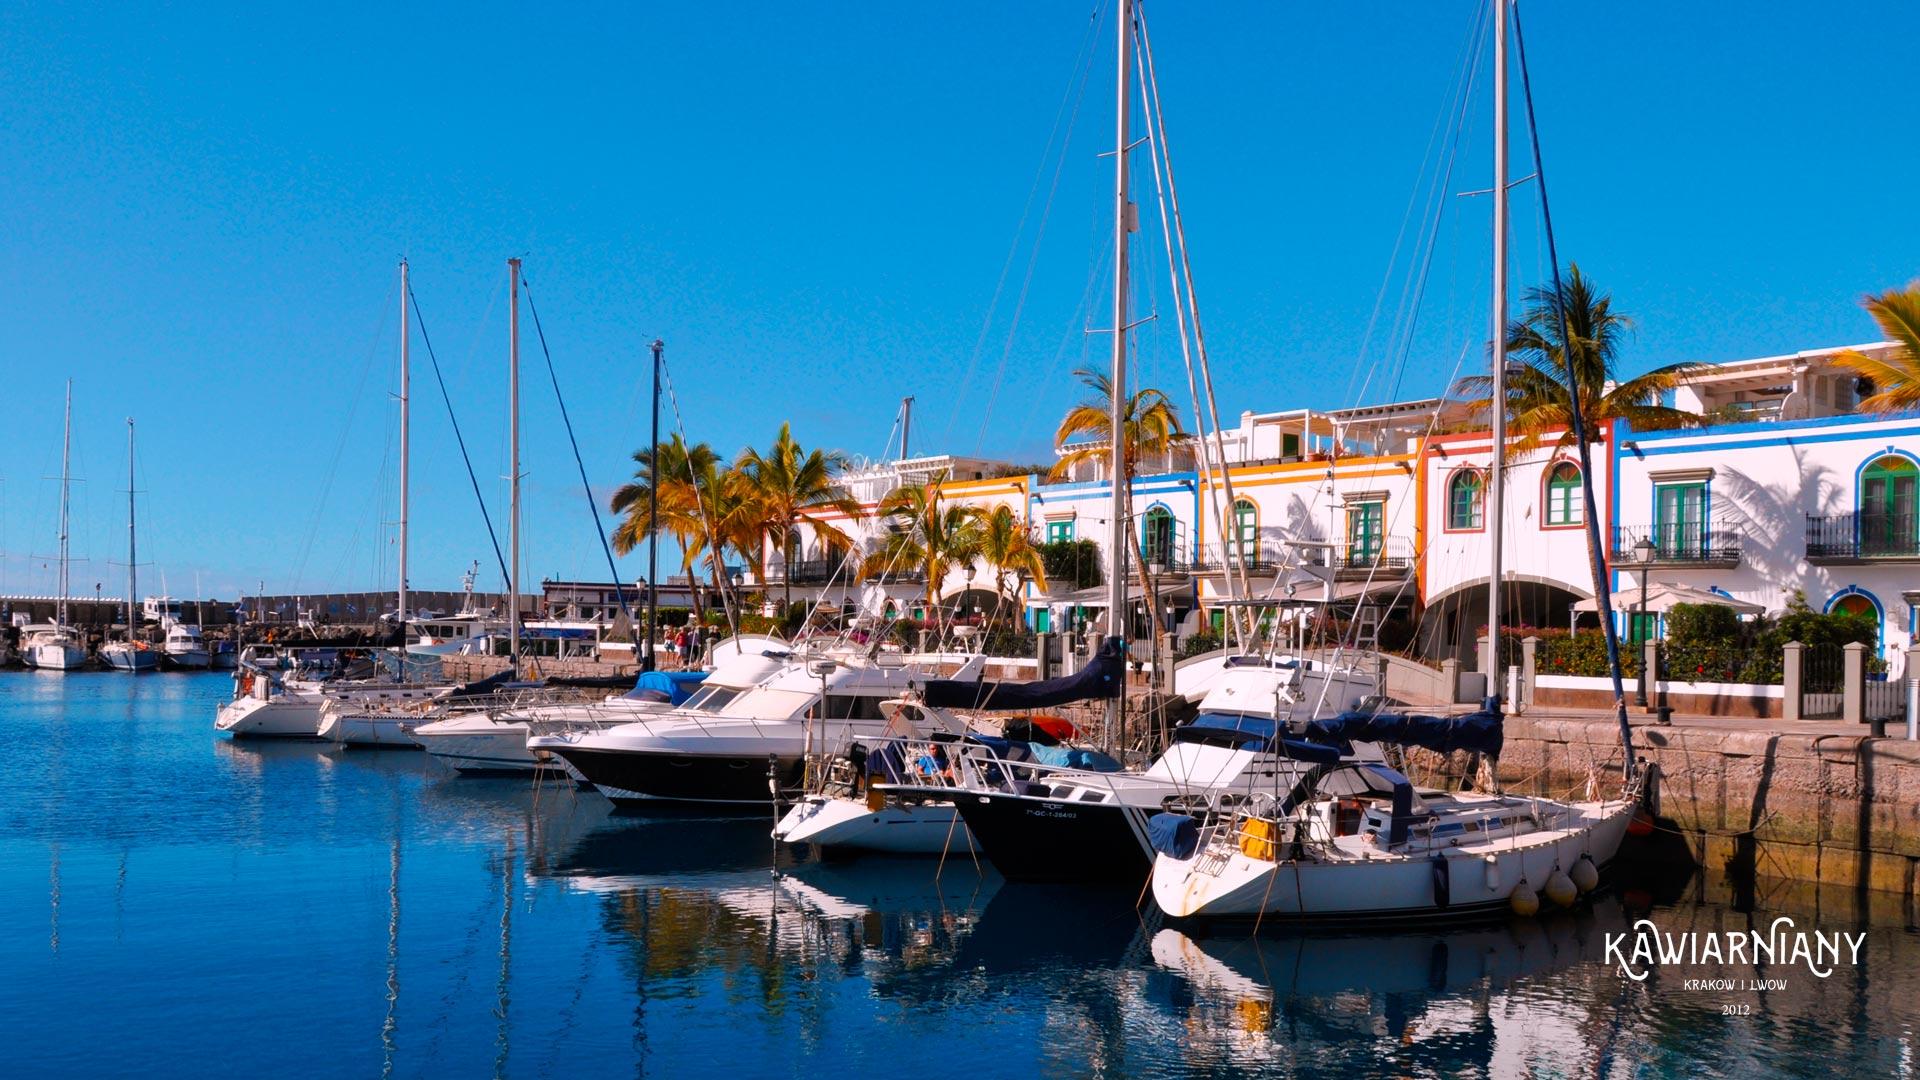 13 rzeczy, które warto kupić na Wyspach Kanaryjskich w Hiszpanii. Co przywieźć?